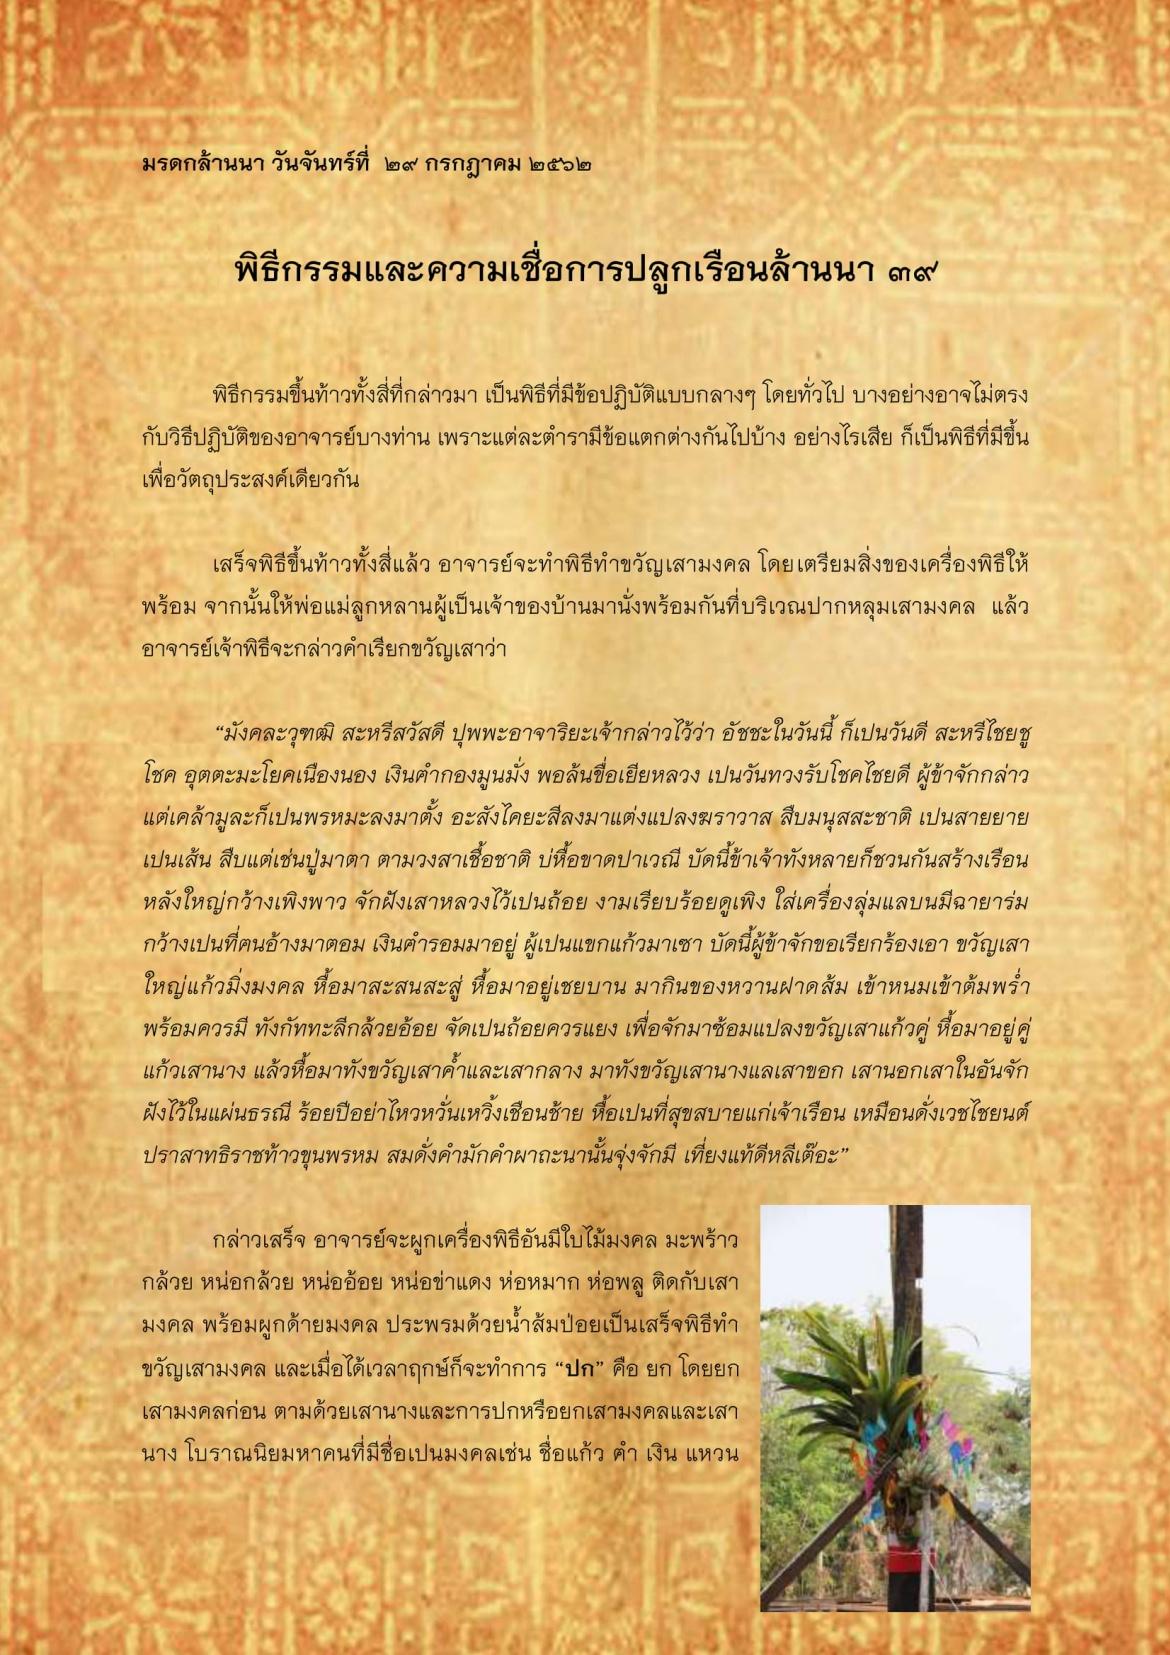 พิธีกรรมเเละความเชื่อการปลูกเรือนล้านนา(39) - 29 กรกฎาคม  2562